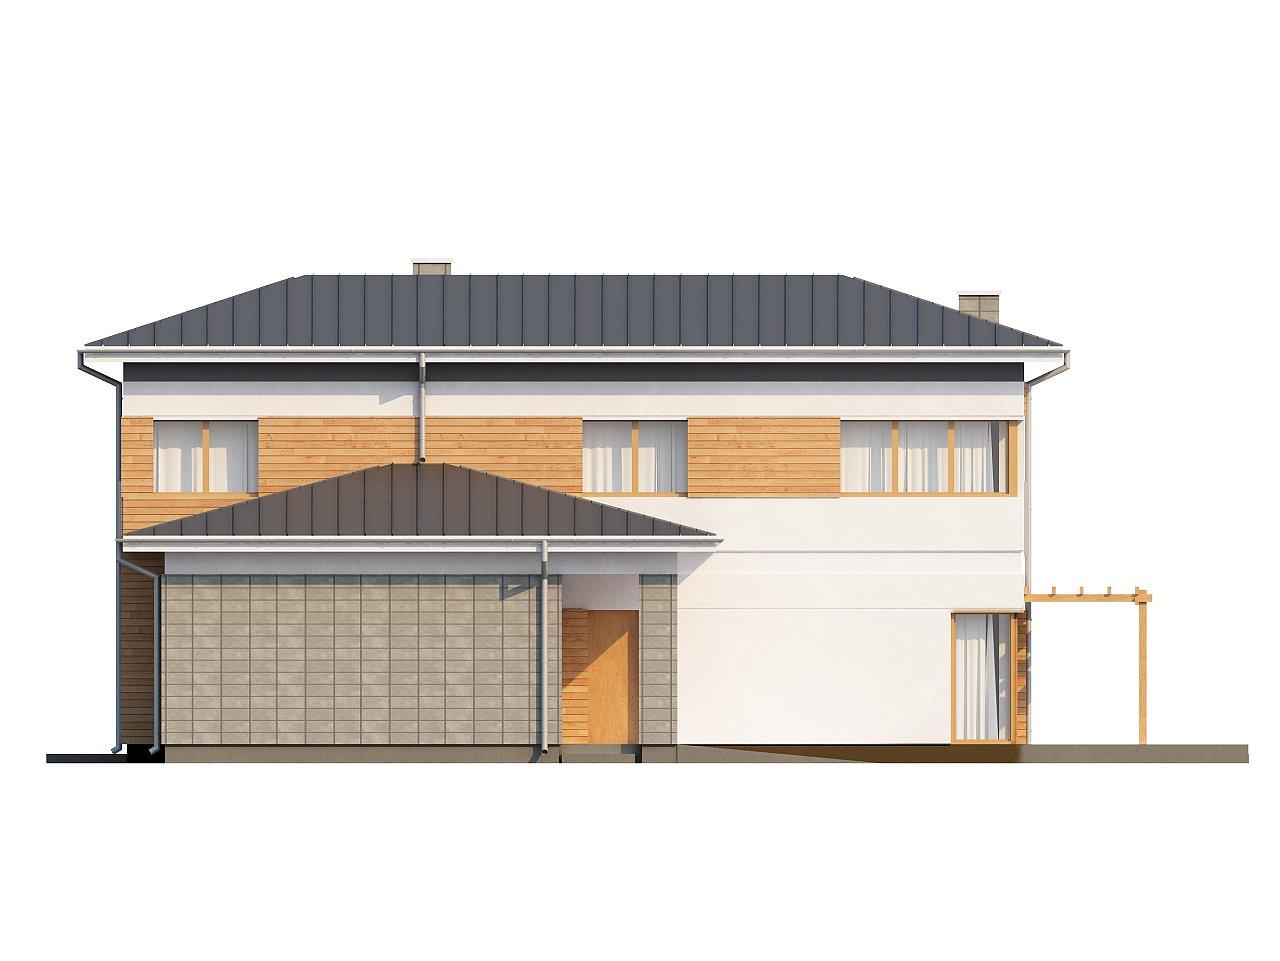 Проект удобного двухэтажного дома в стиле модерн с боковым гаражом. 4